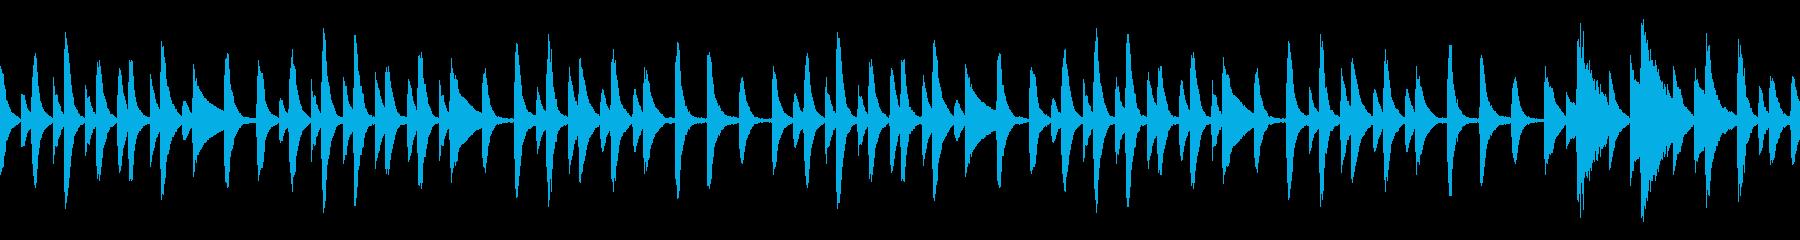 童謡「あめふり」ループ仕様ピアノソロの再生済みの波形